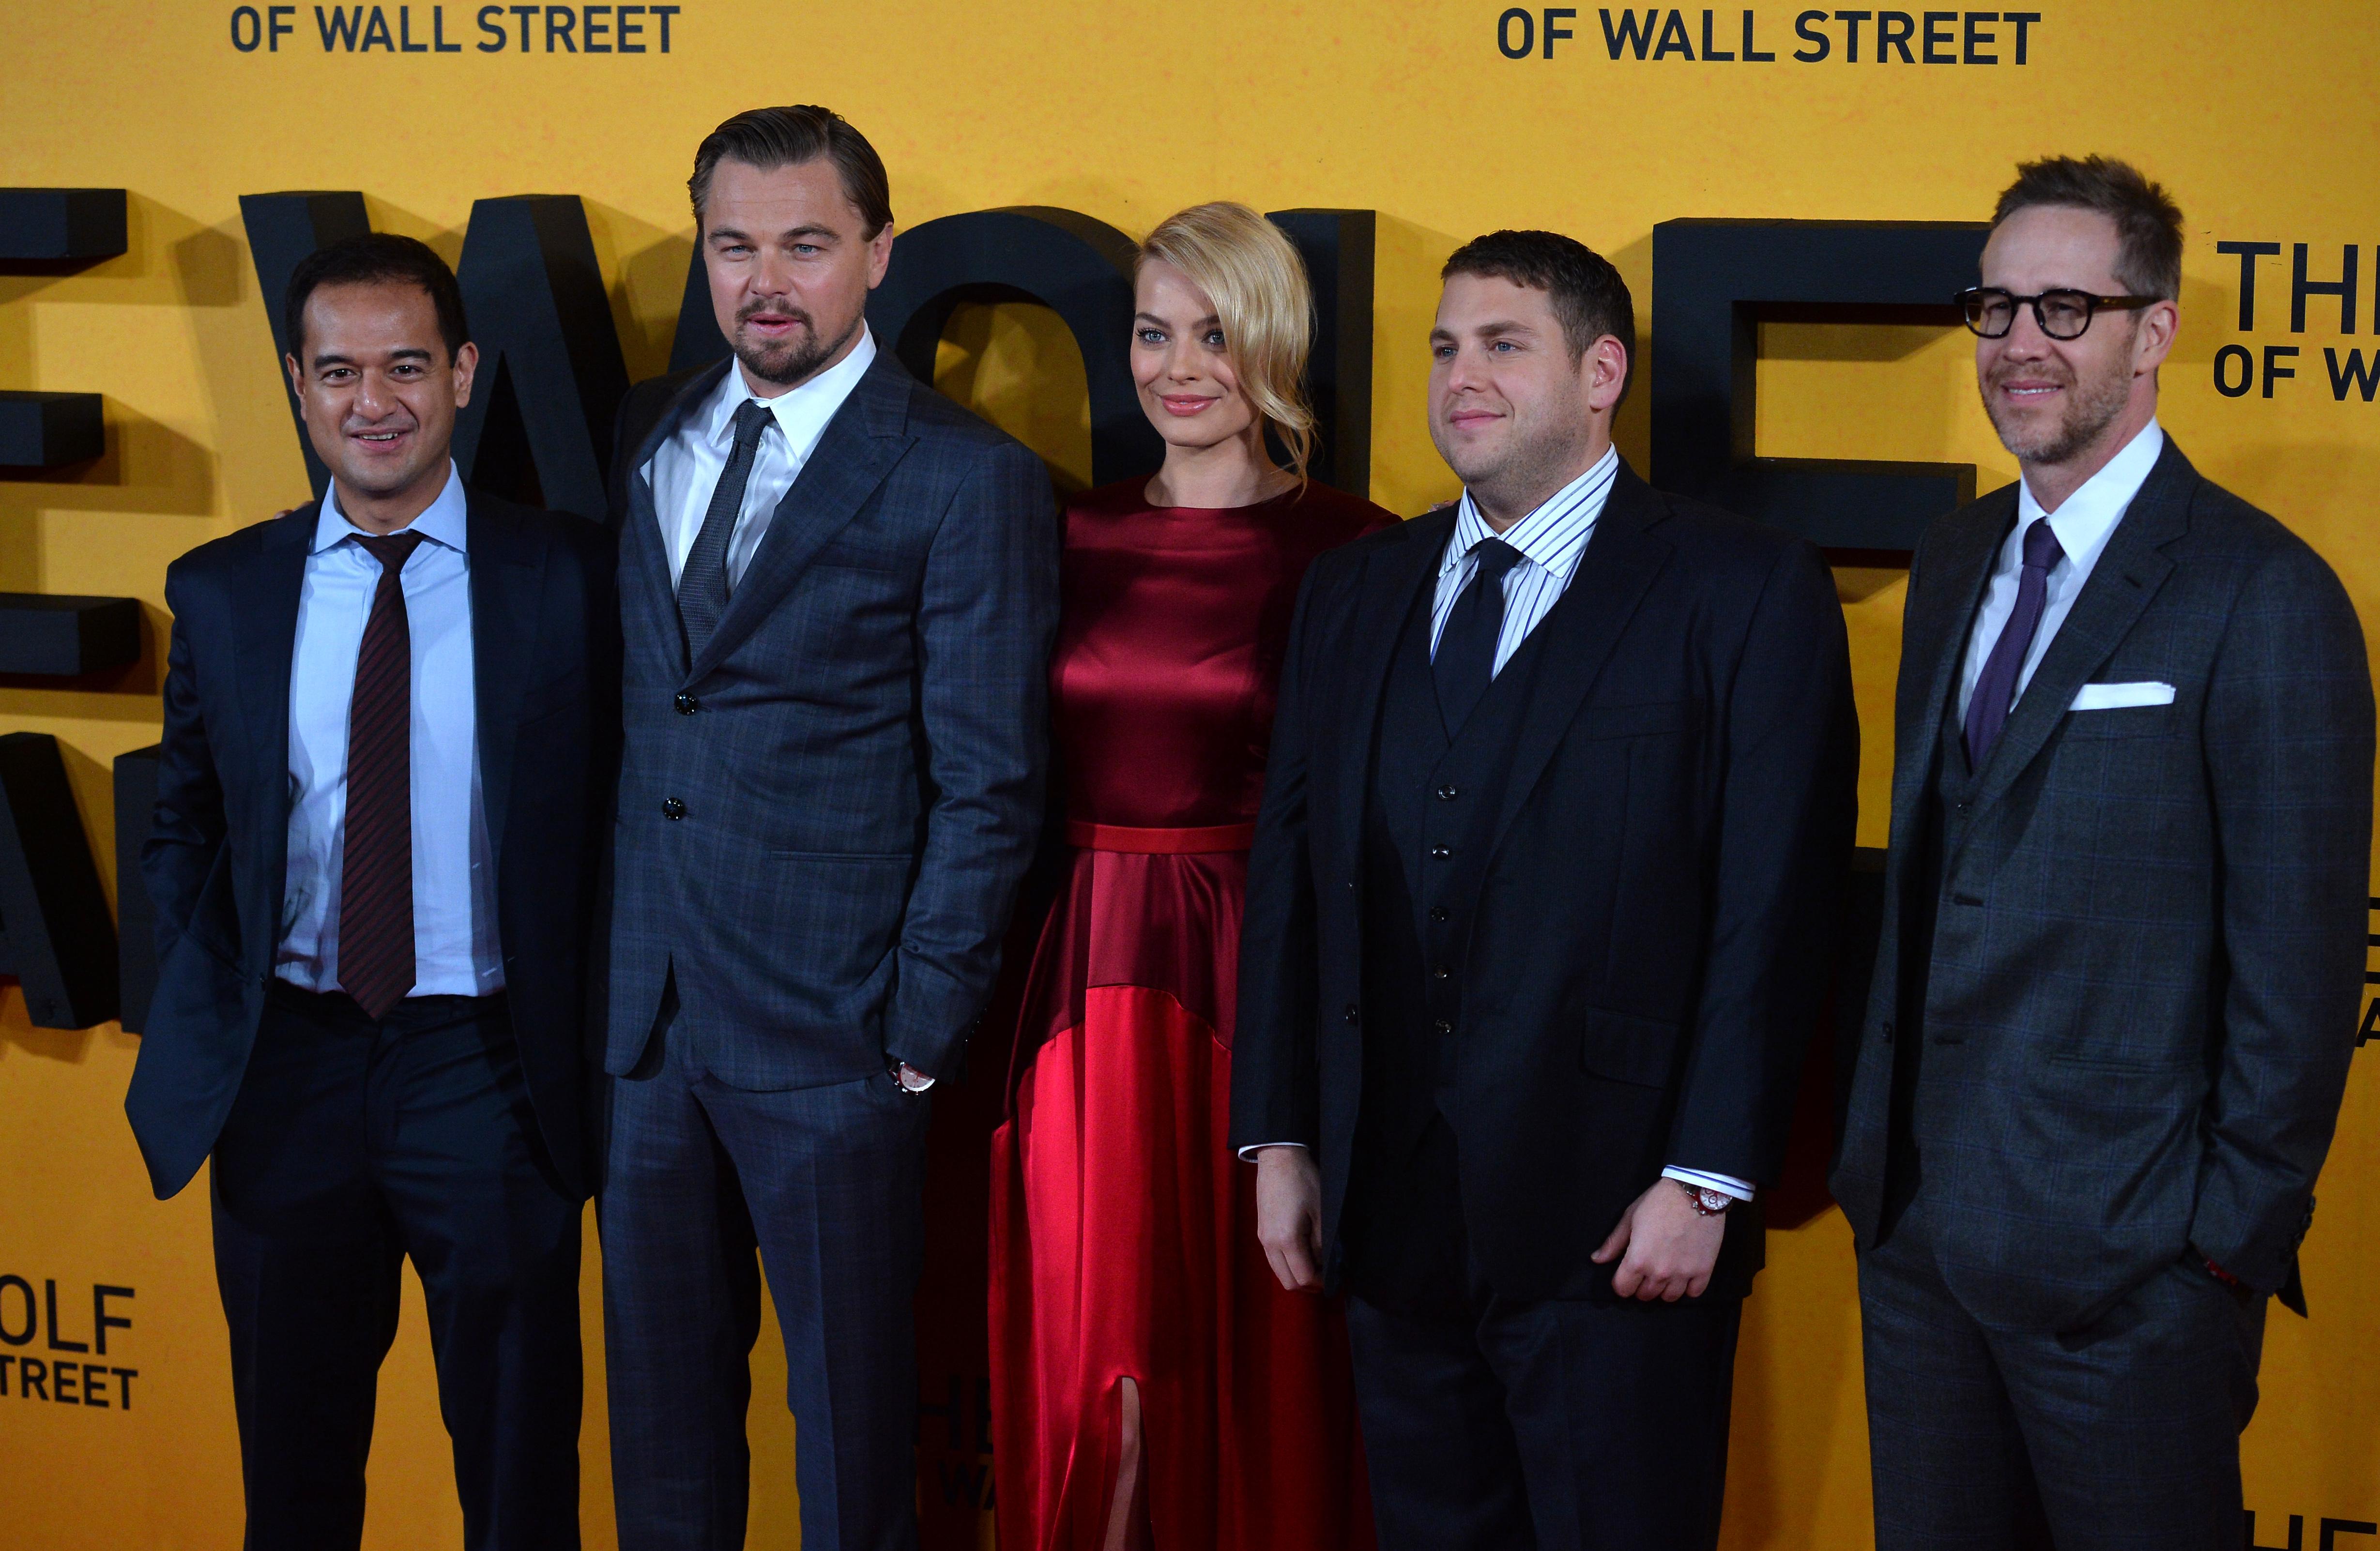 Kilóra vette meg a hollywoodi sztárokat a Wall Street farkasa sikkasztásért letartóztatott producere